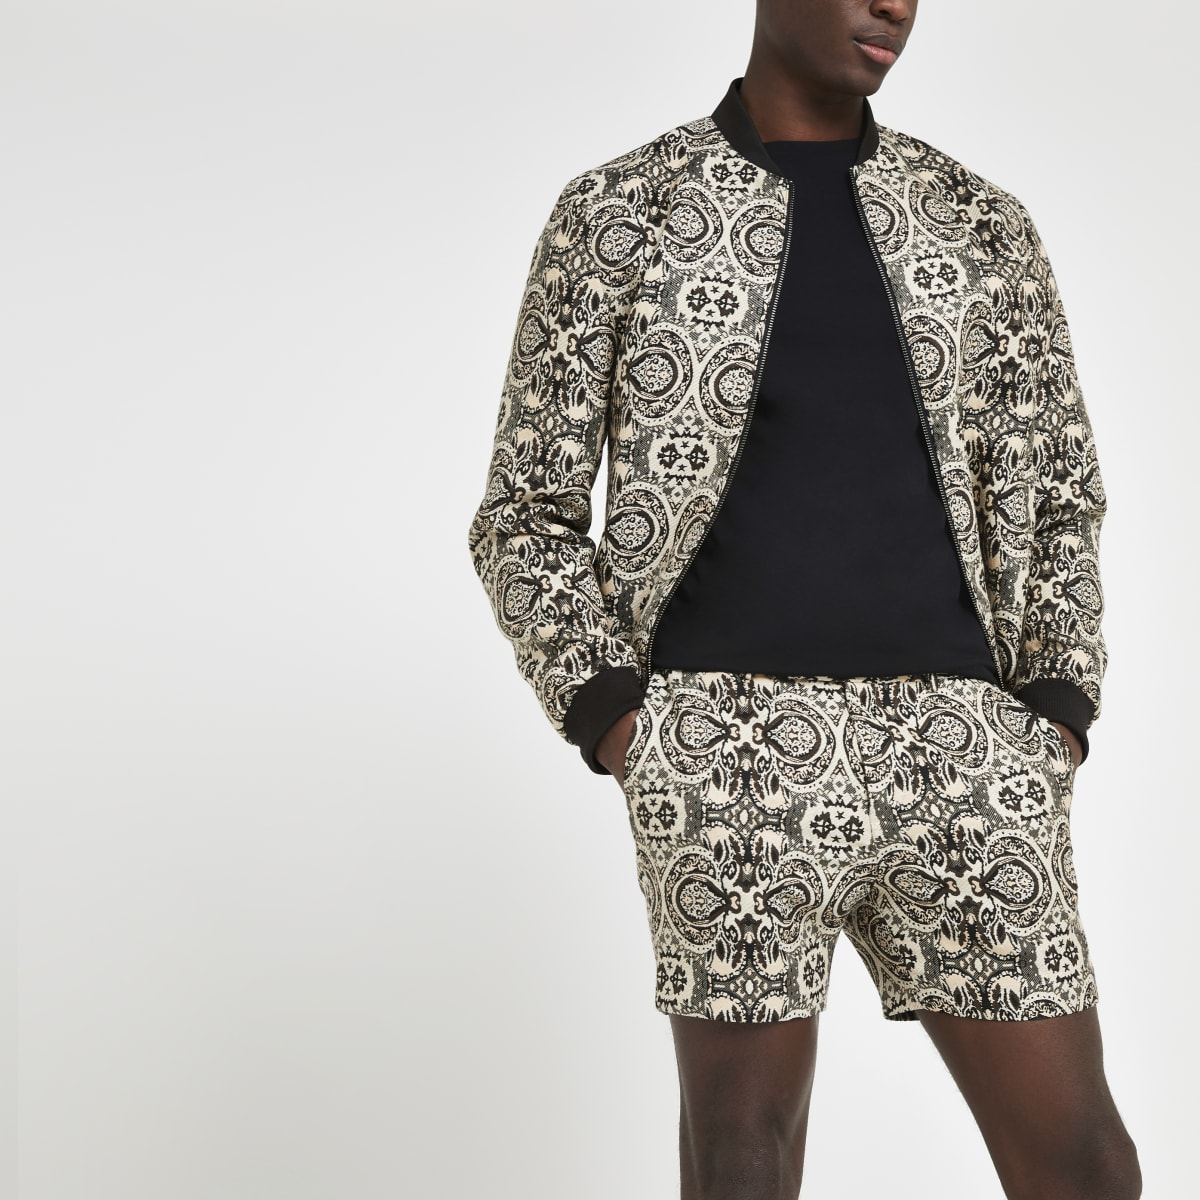 Ecru printed tailored shorts